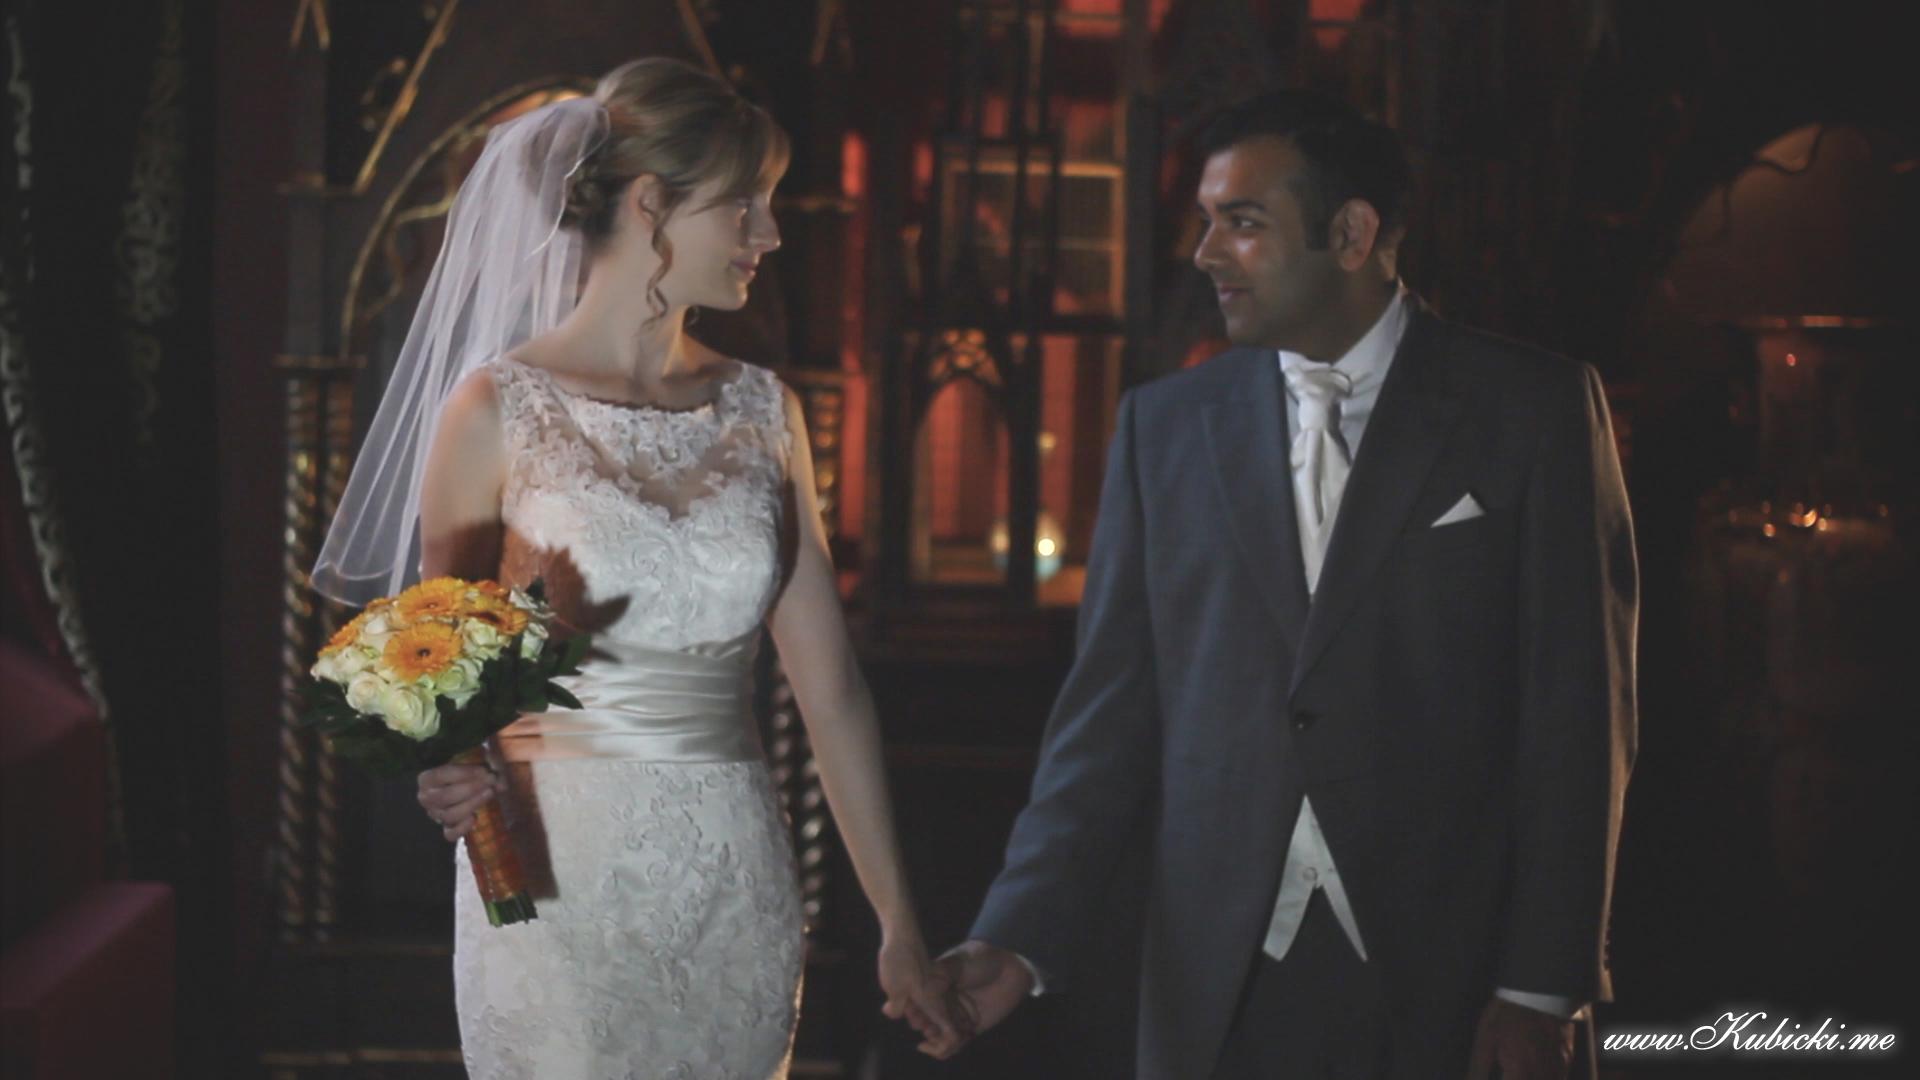 Abbey groza wedding